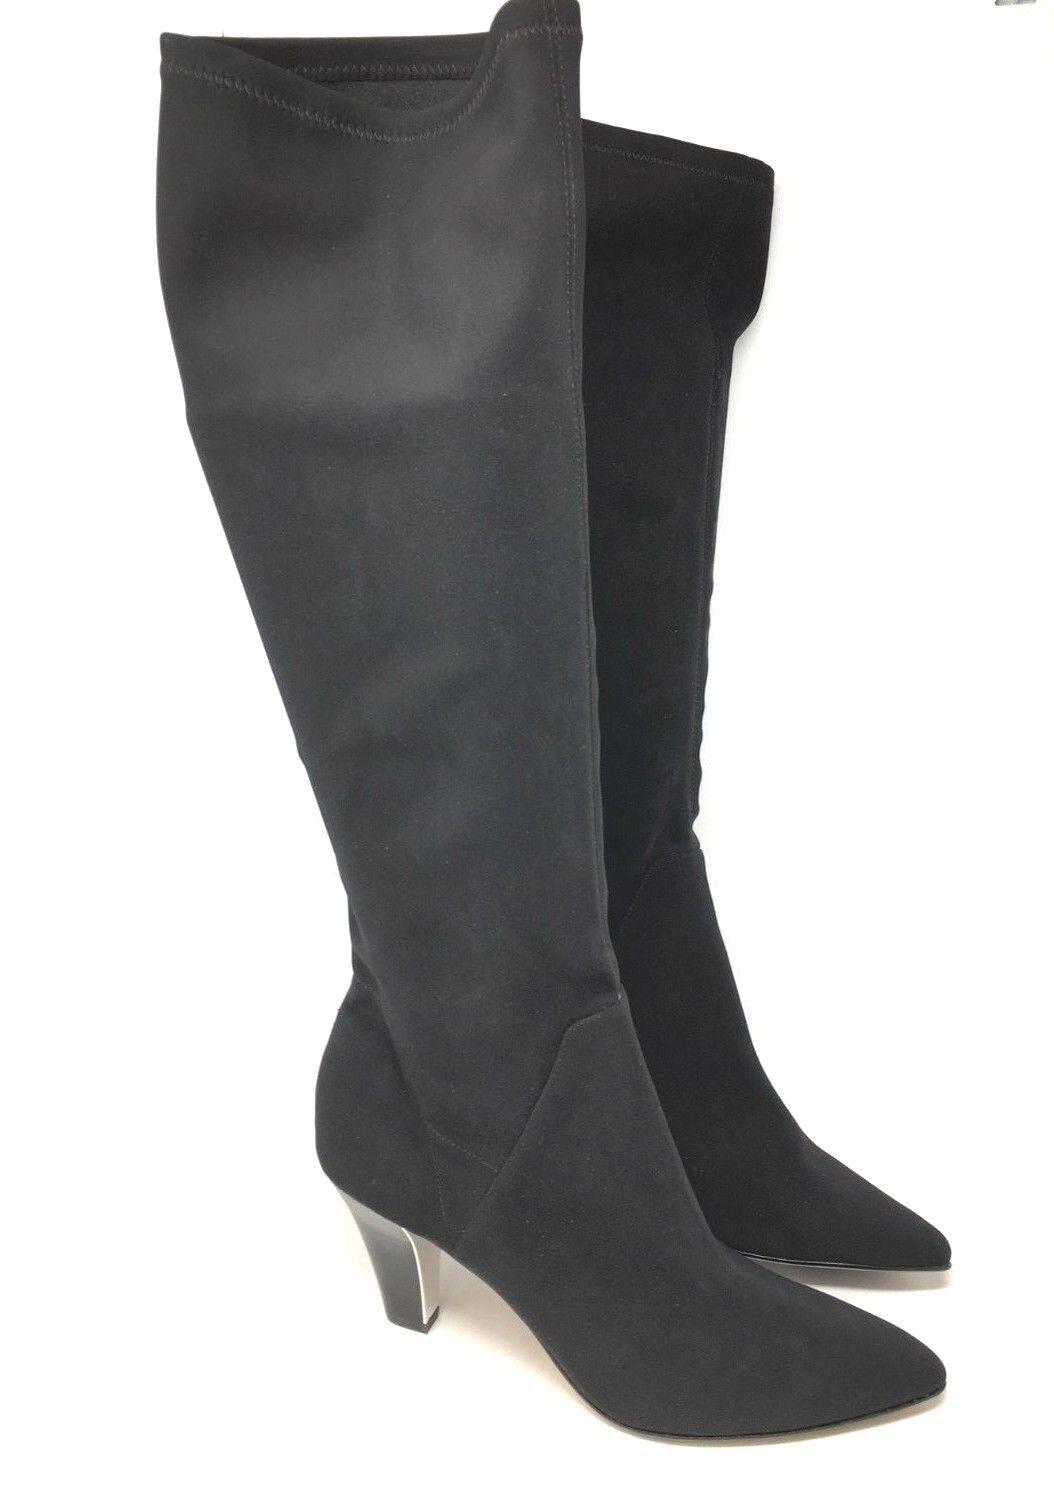 Donald J.Pliner Tessa Krepp Elastisch Damen Hoch Stiefel Schwarz Stiefel Hoch Größe: 5.5 ae68a8